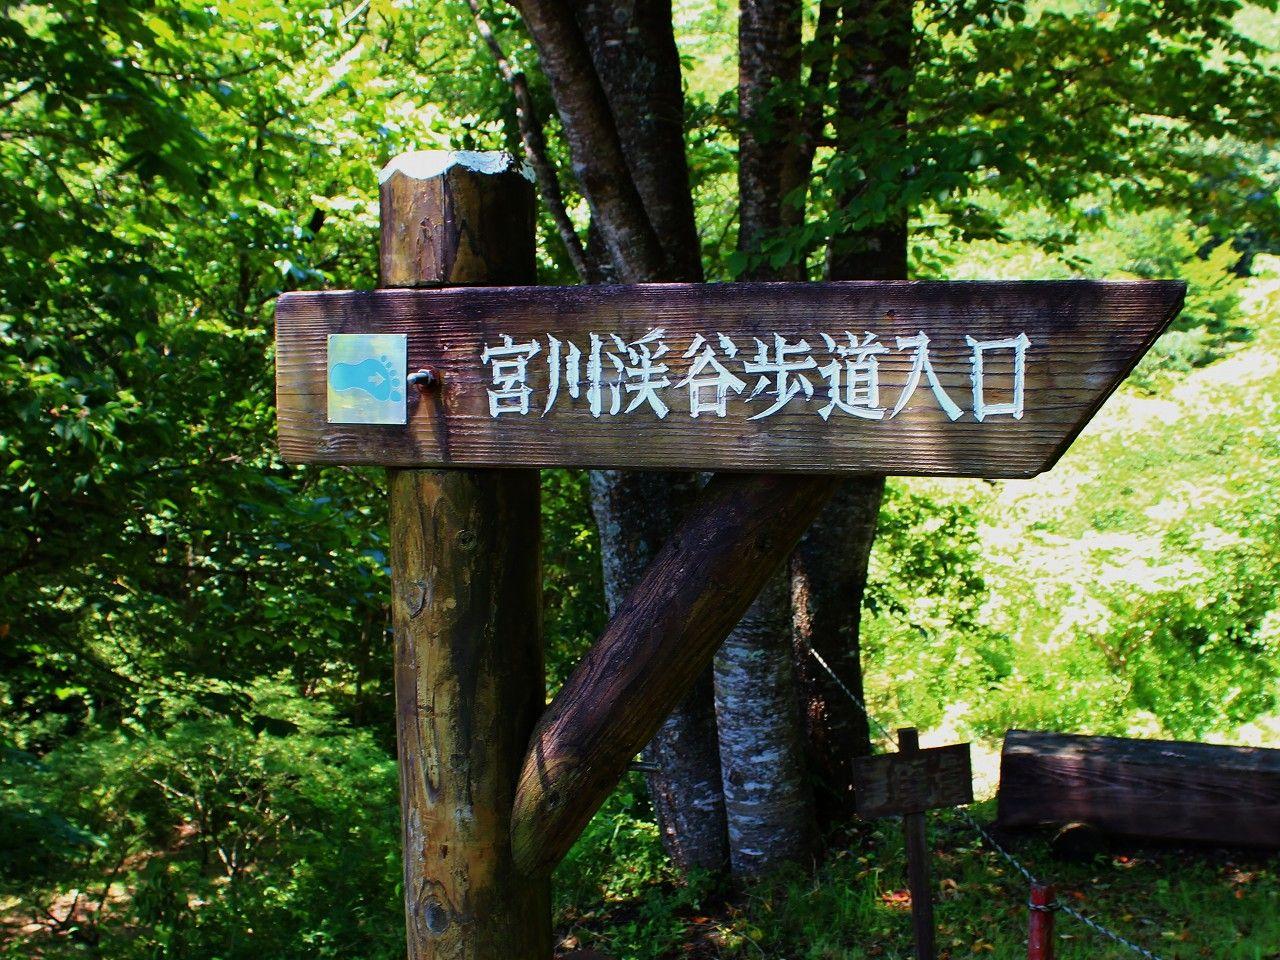 5種類あるハイキングコース!お奨めのコースは宮川渓谷歩道コース